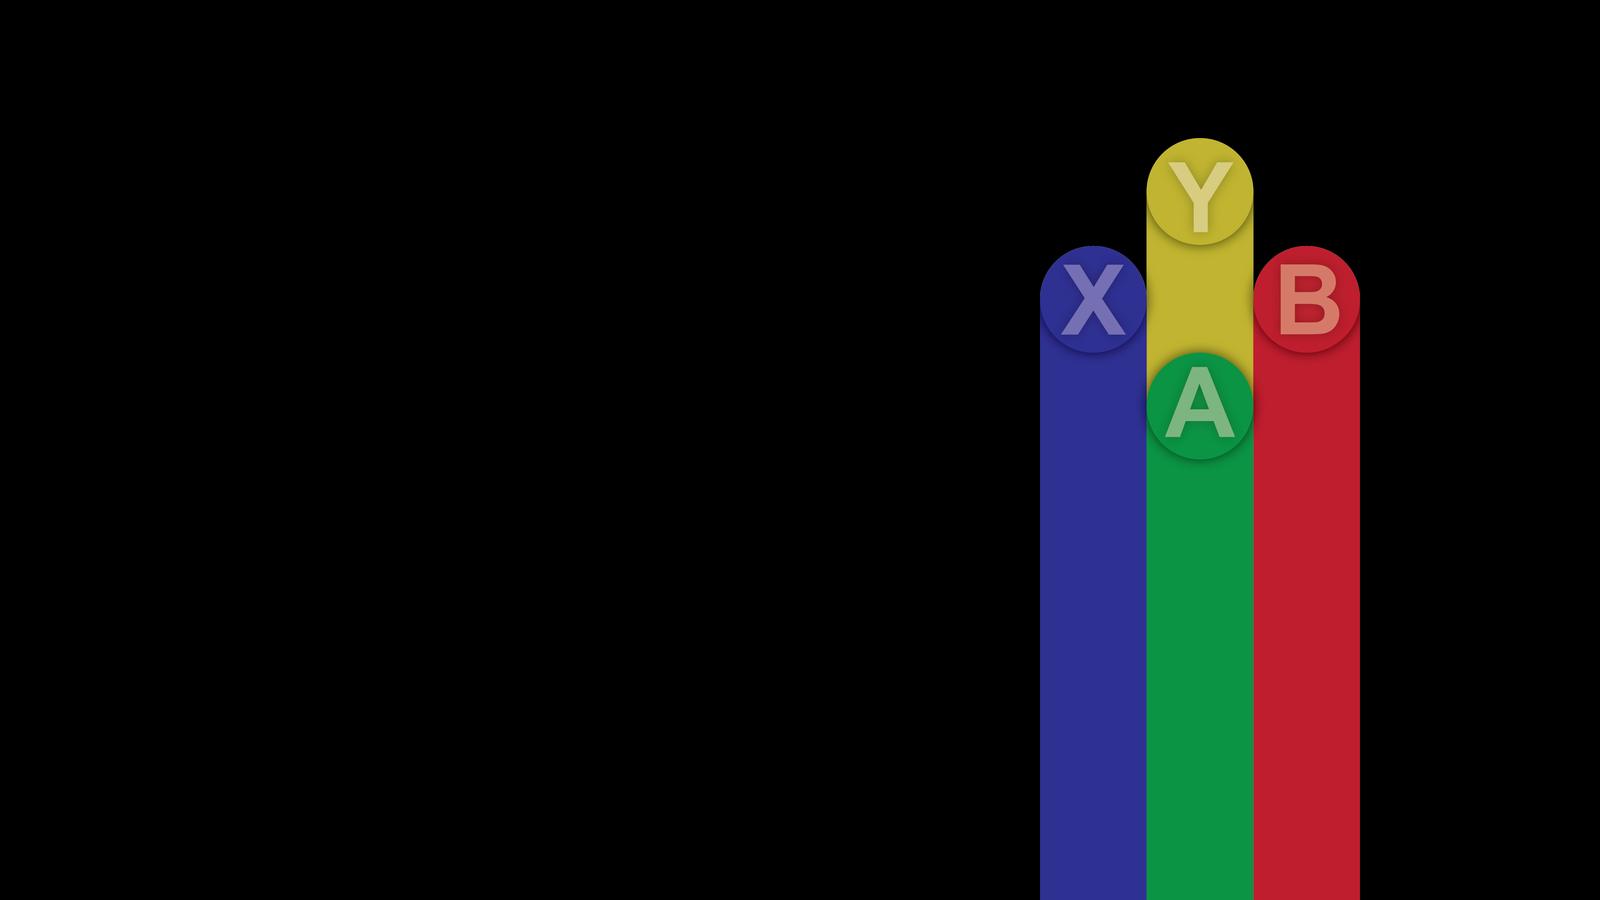 xbox 360 buttons wallpapercheetashock on deviantart